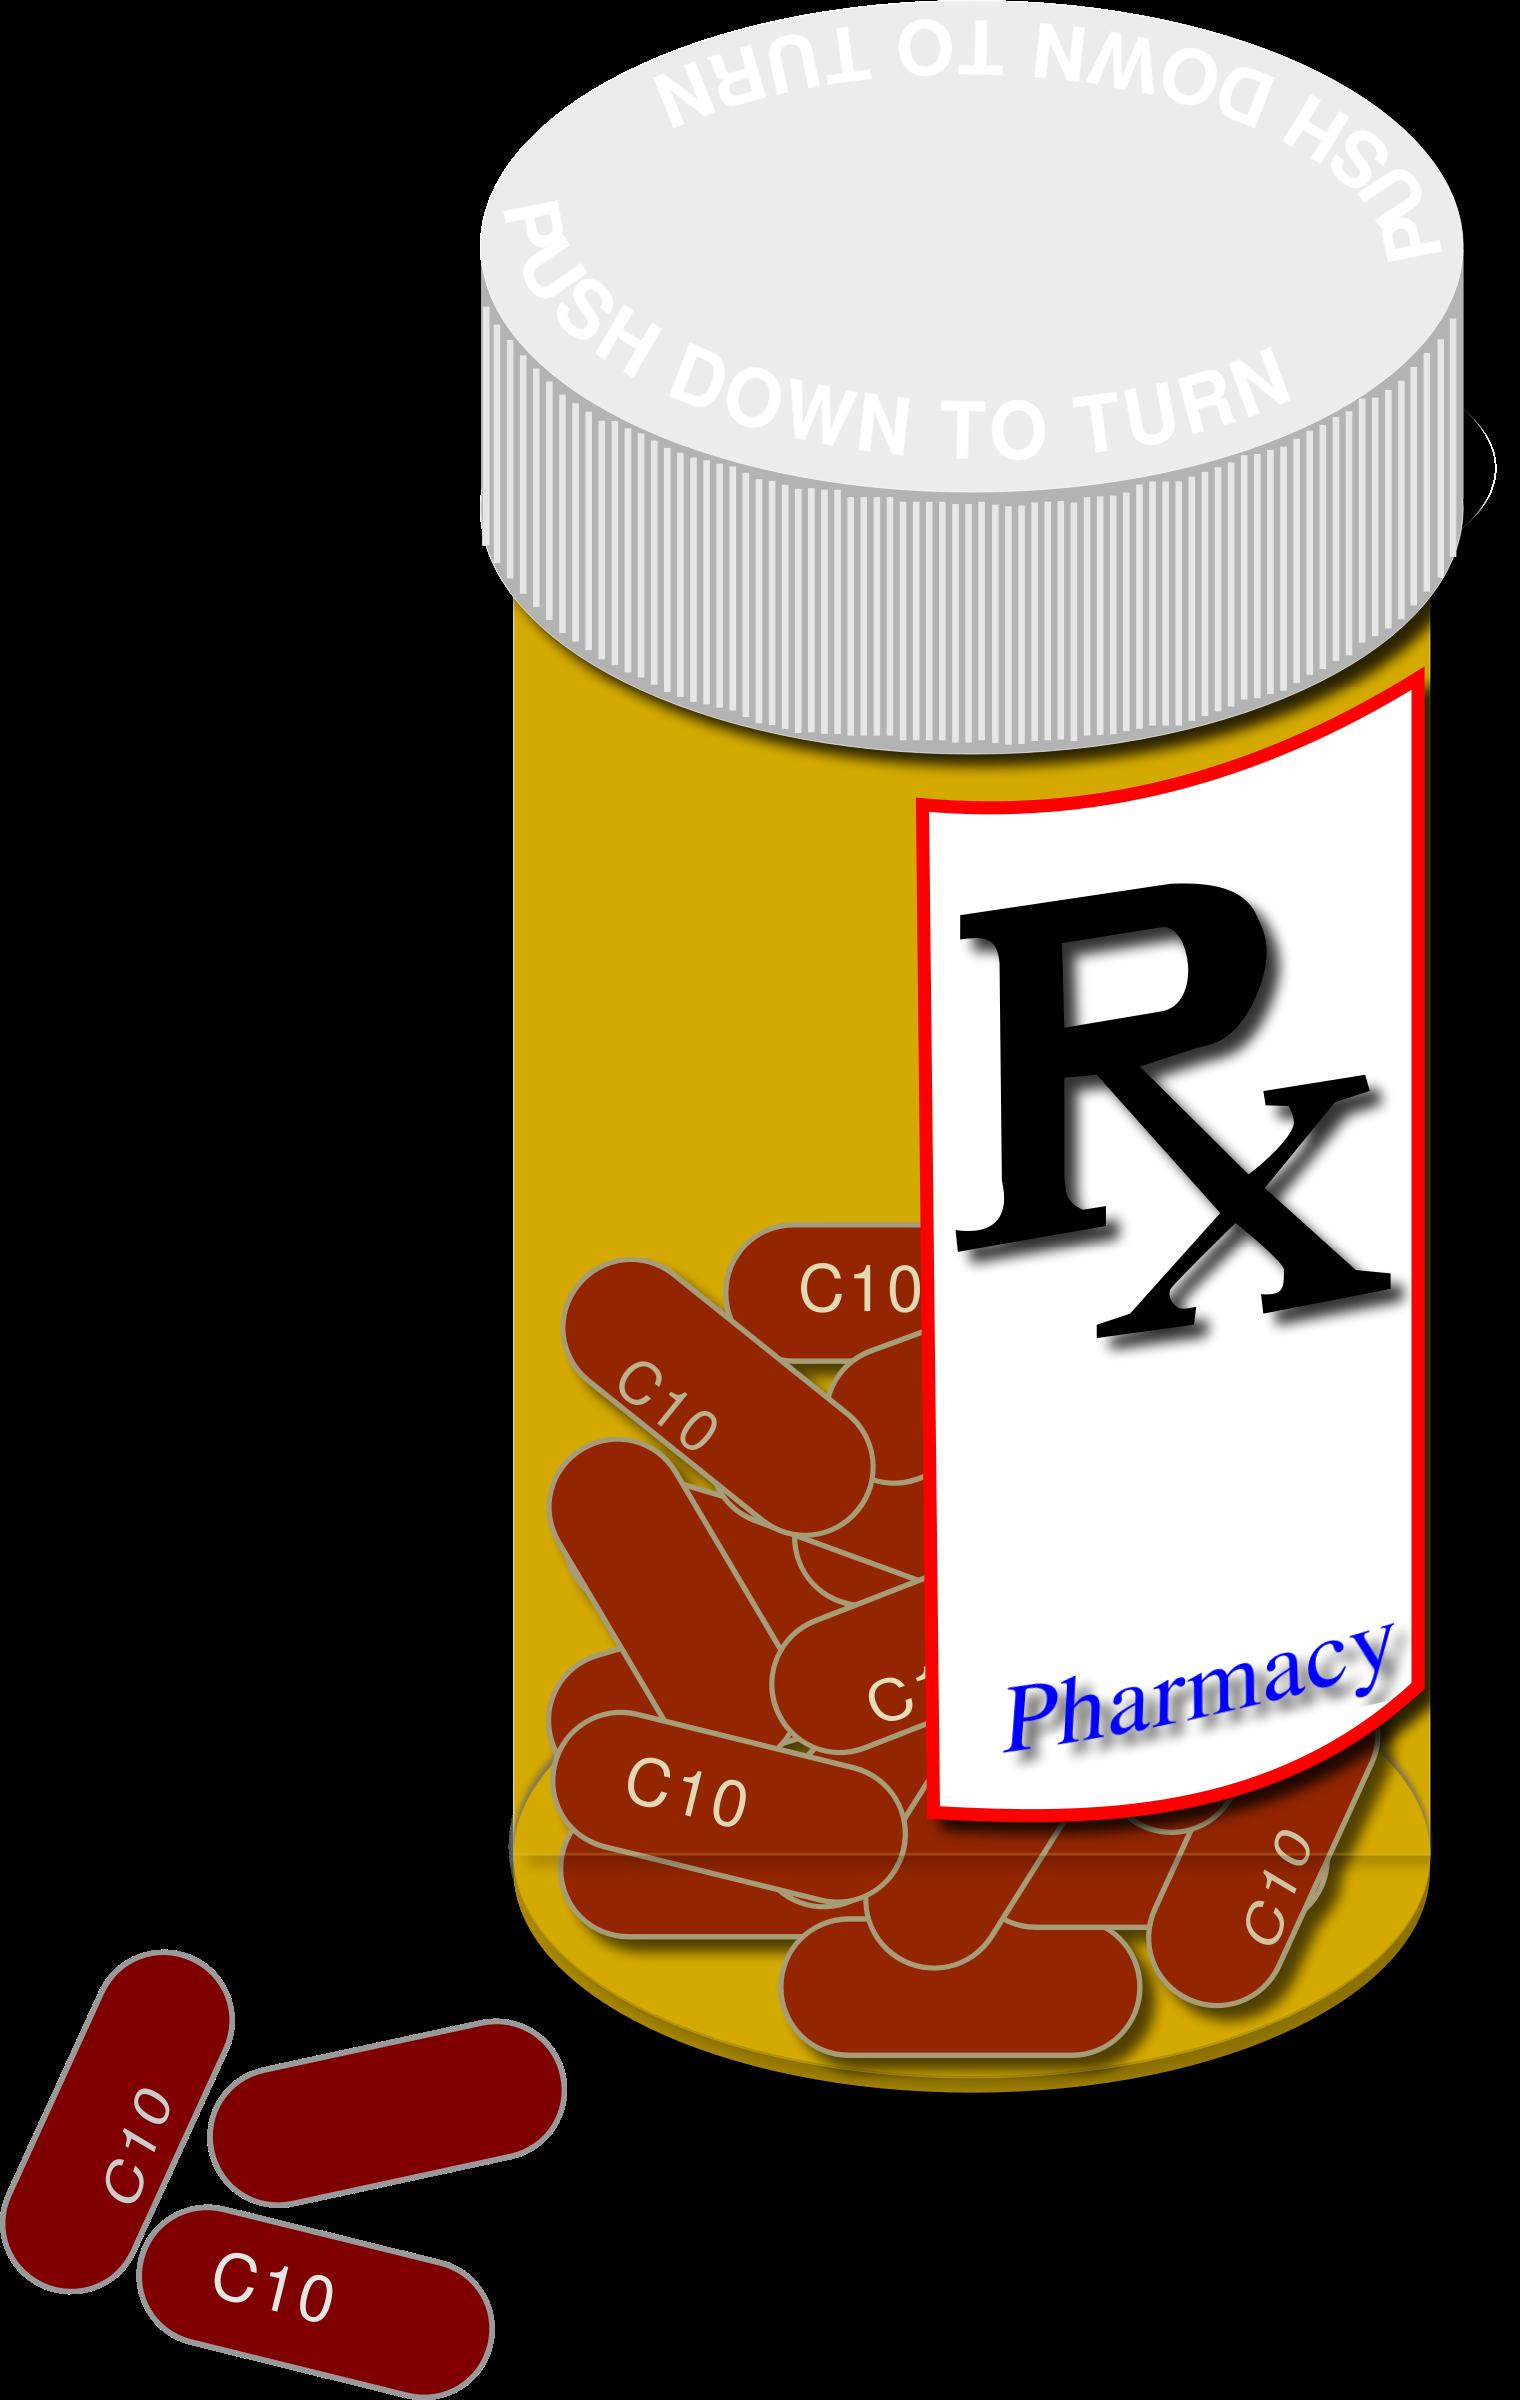 Pill Bottle Clip Art N7 free image.